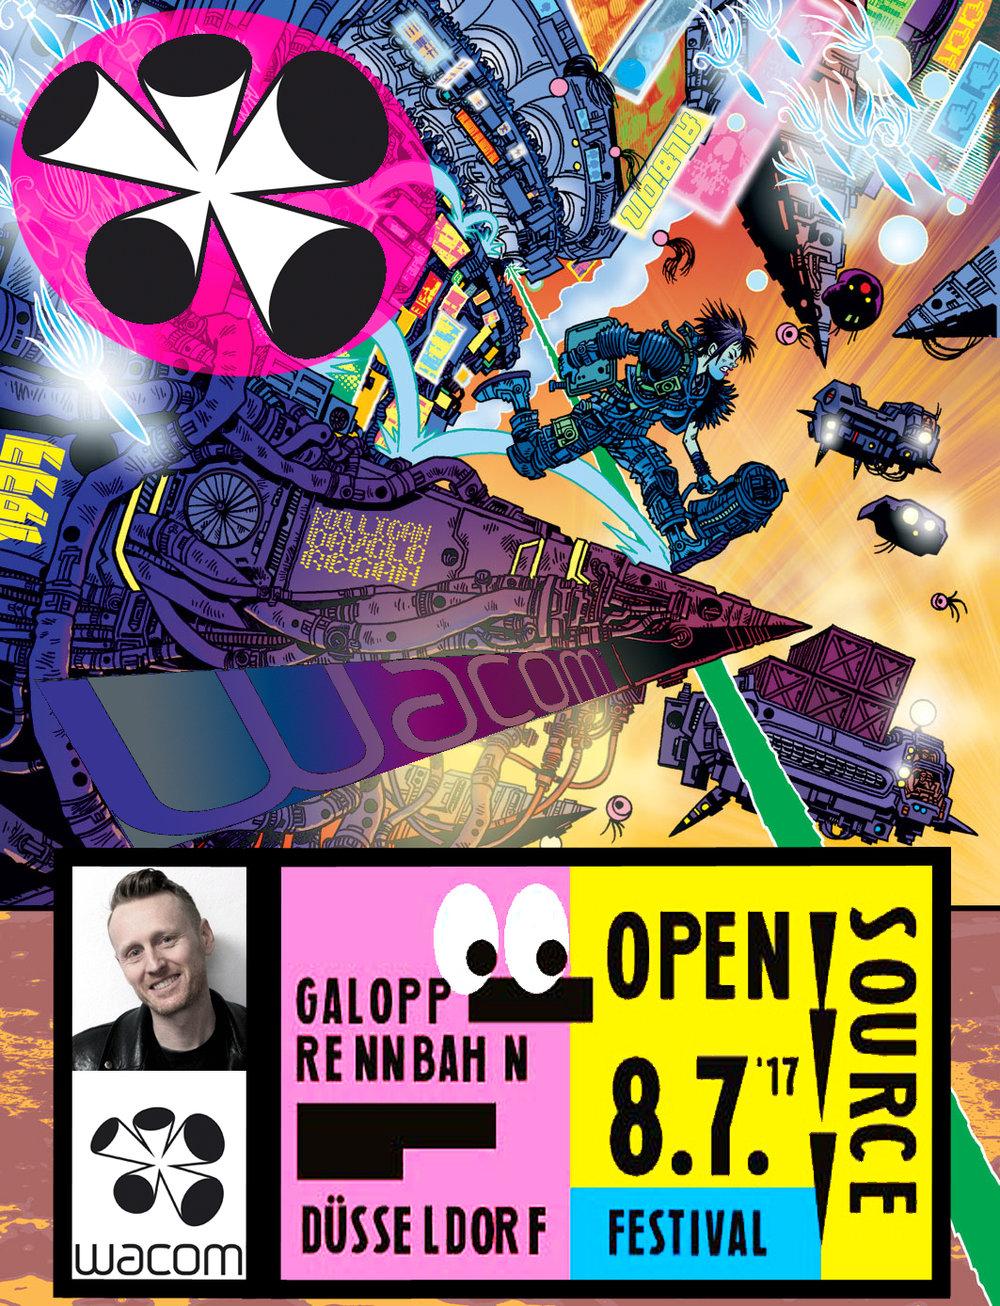 Rufus Dayglo Dusseldorf Open Source Festival